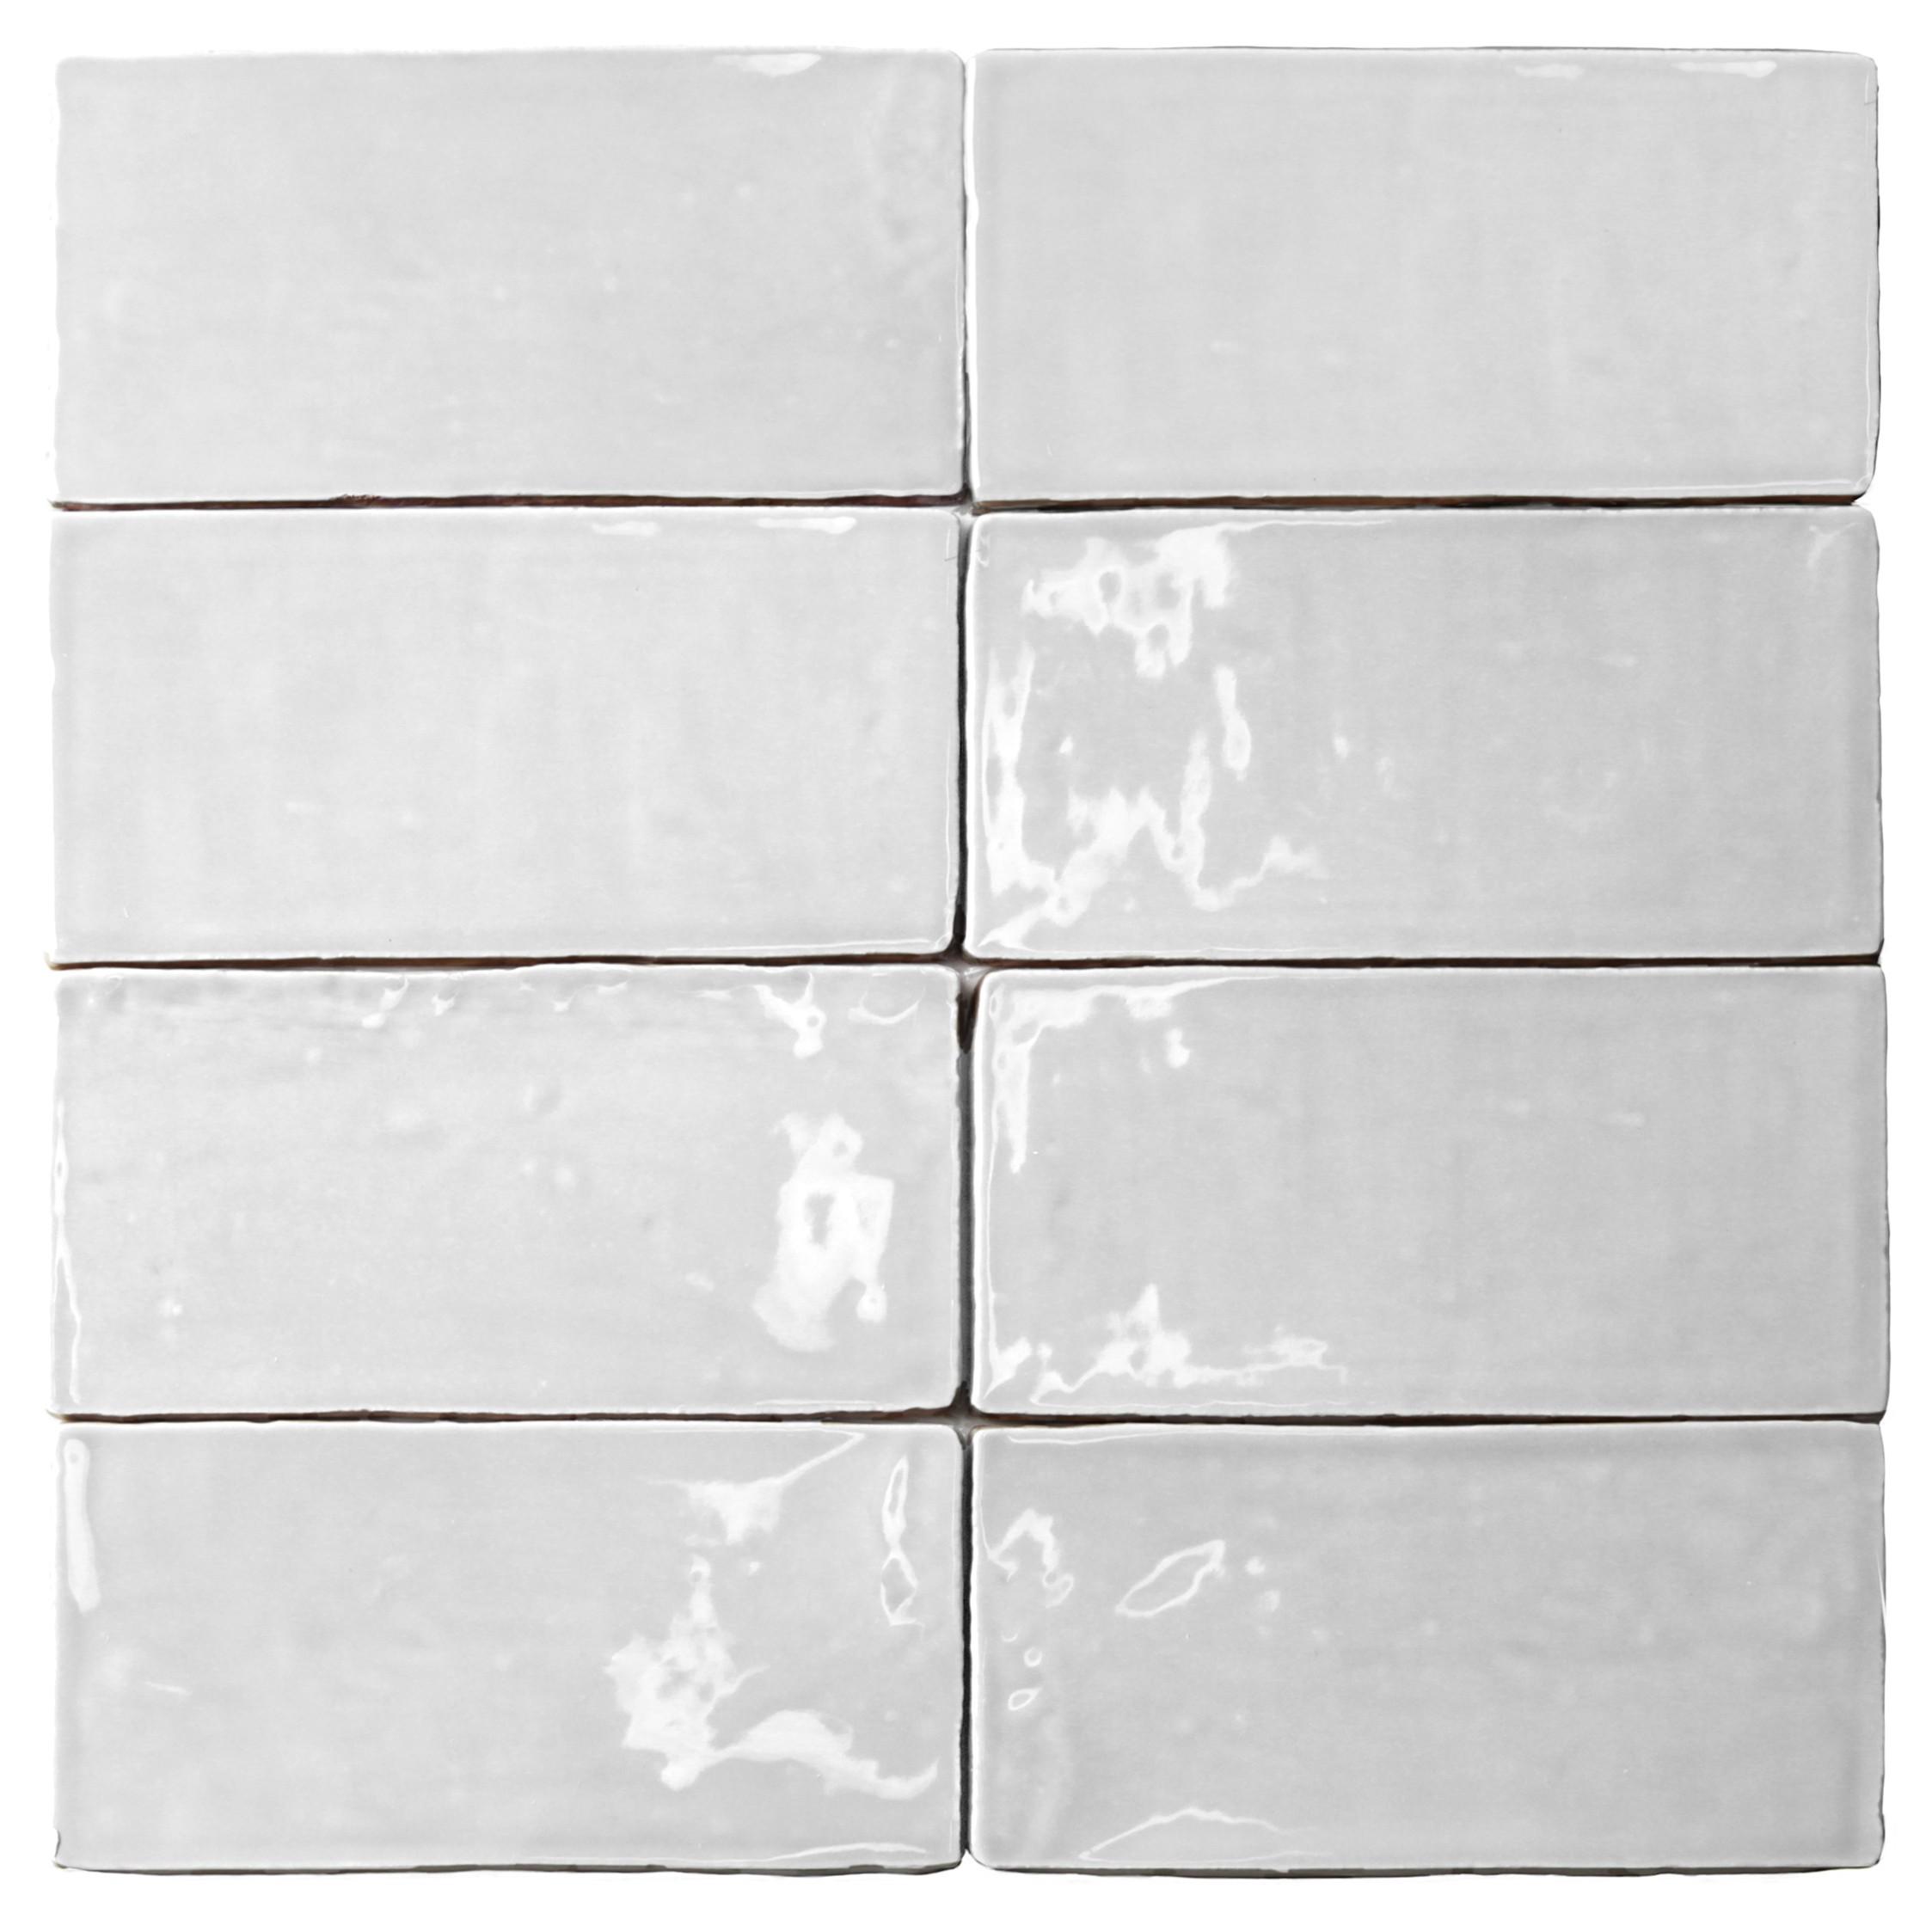 Shop For Lancaster Bianco 3x6 Ceramic Tiles At Tilebar Com